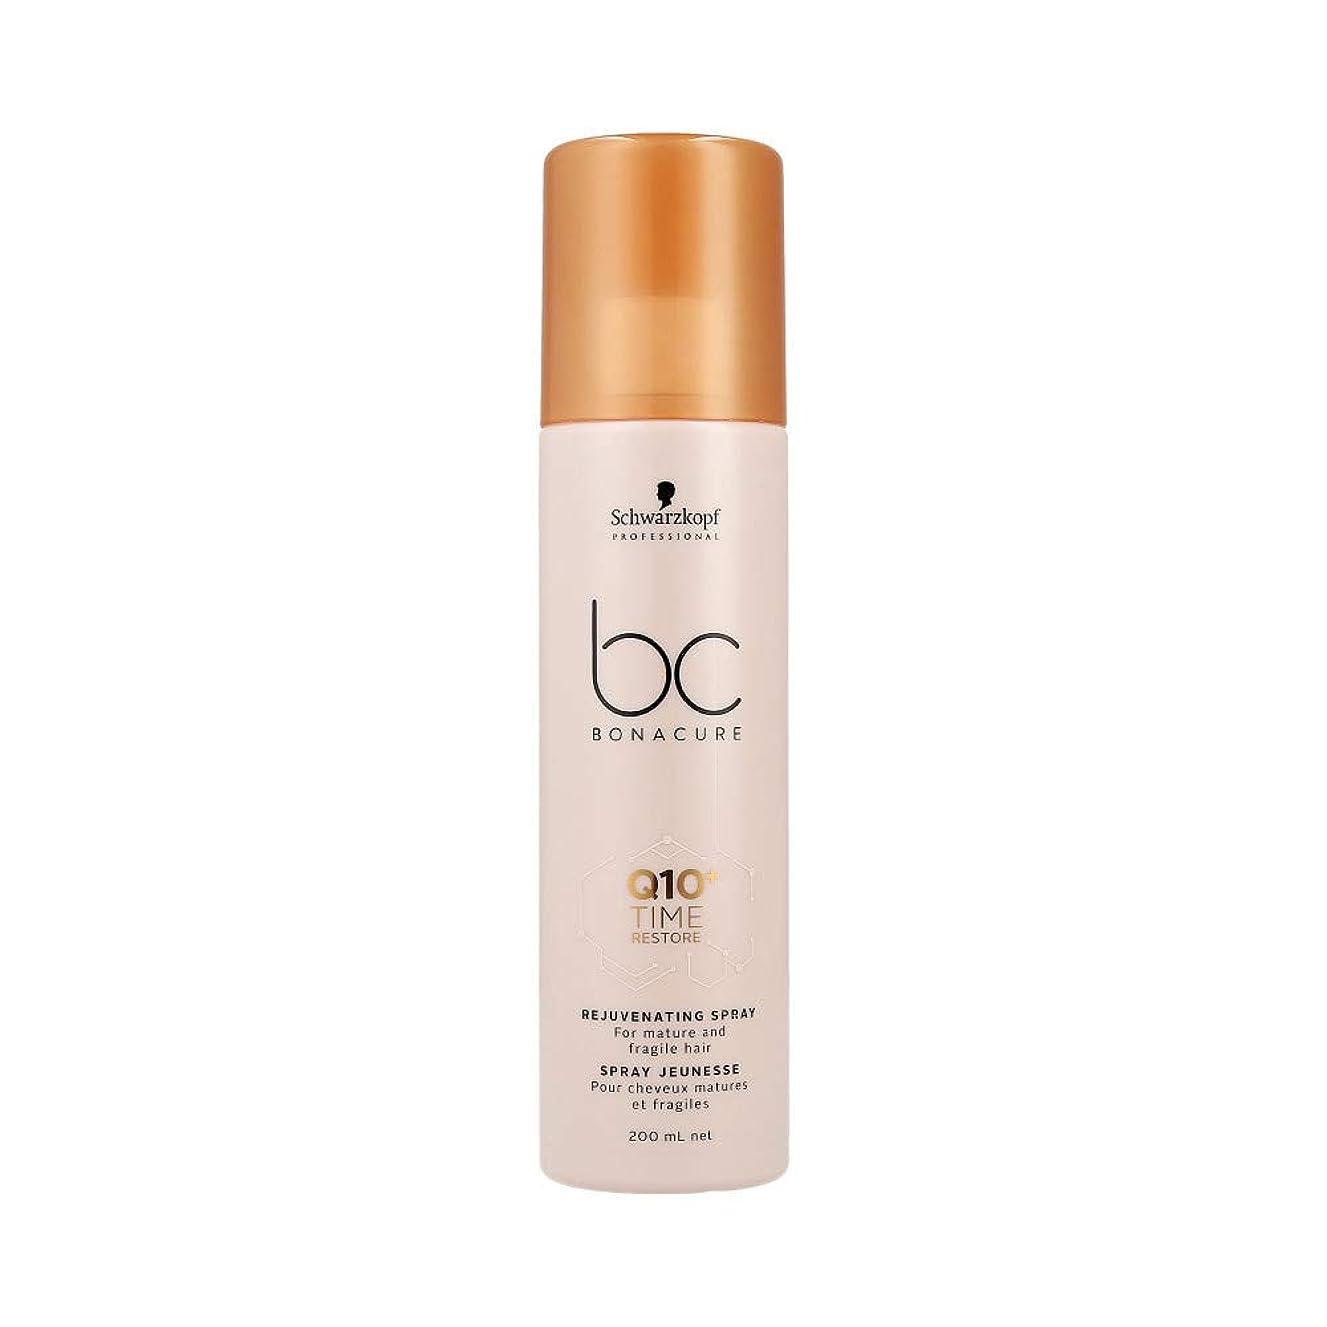 スーパープレゼンより良いシュワルツコフ BC Q10+ タイム リストア リジュヴェネイティング スプレー Schwarzkopf BC Bonacure Q10+ Time Restore Rejuvenating Spray For Mature And Fragile Hair 200 ml [並行輸入品]